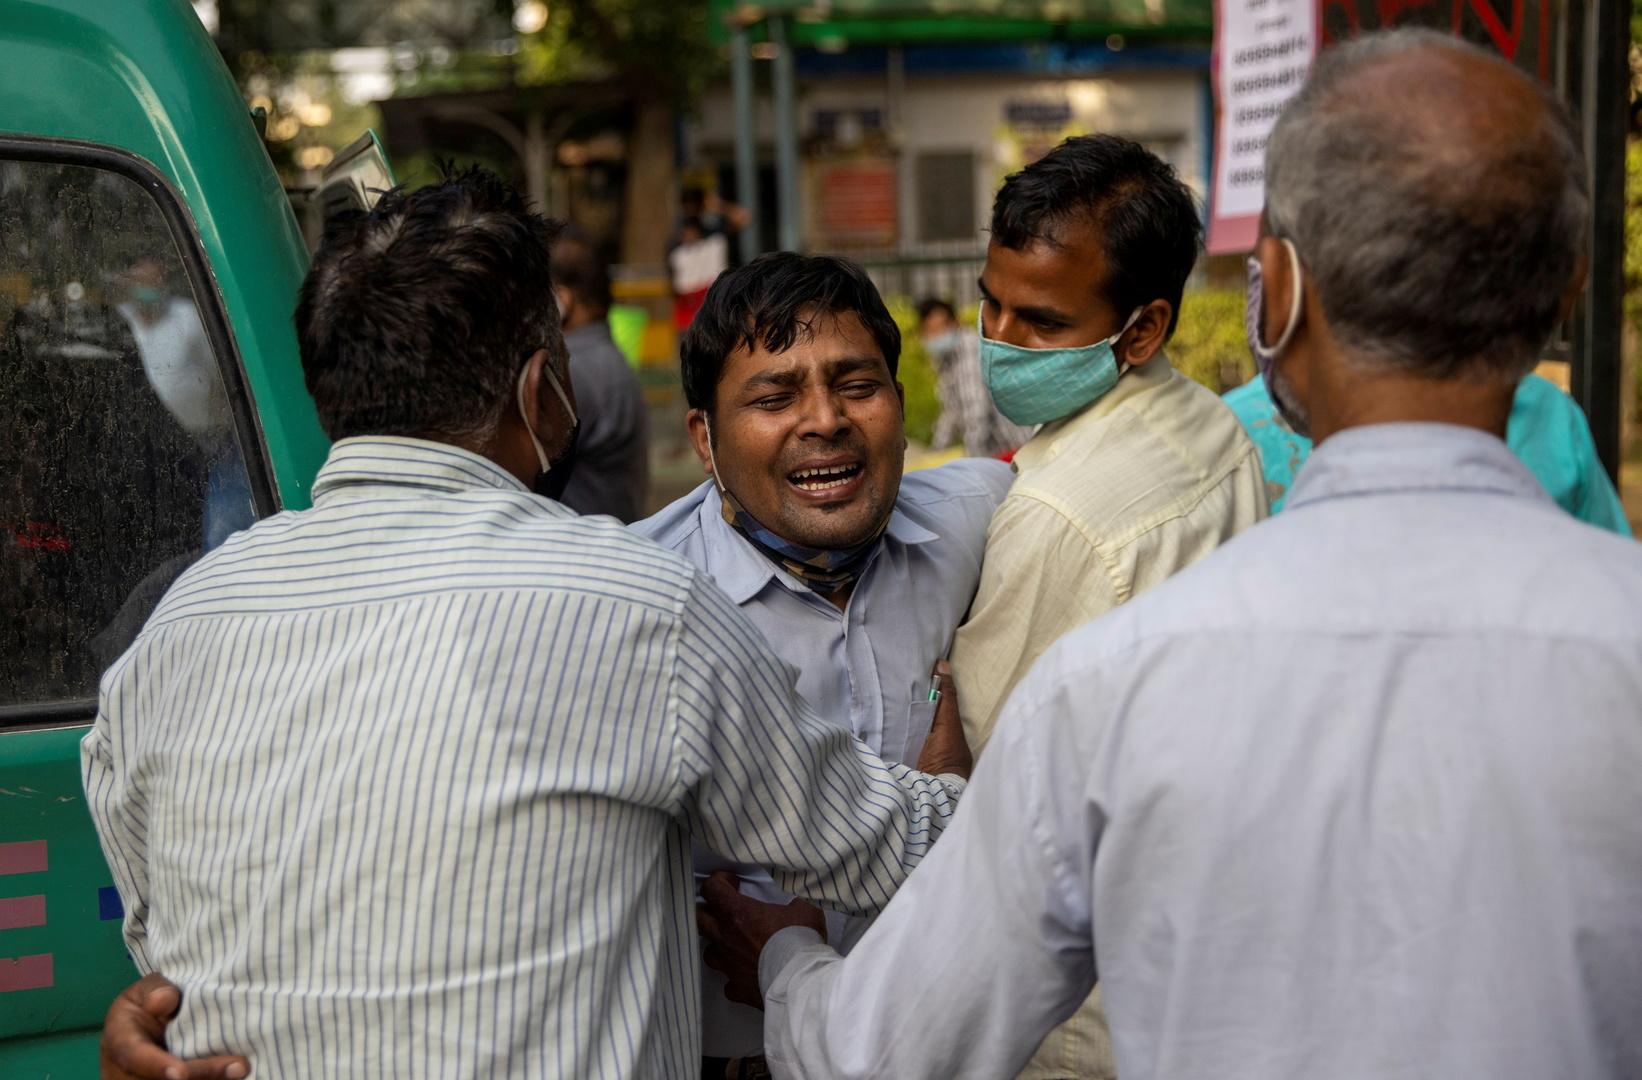 وفاة 25 مصابا بكورونا في مستشفى هندي بسبب نقص الأكسجين